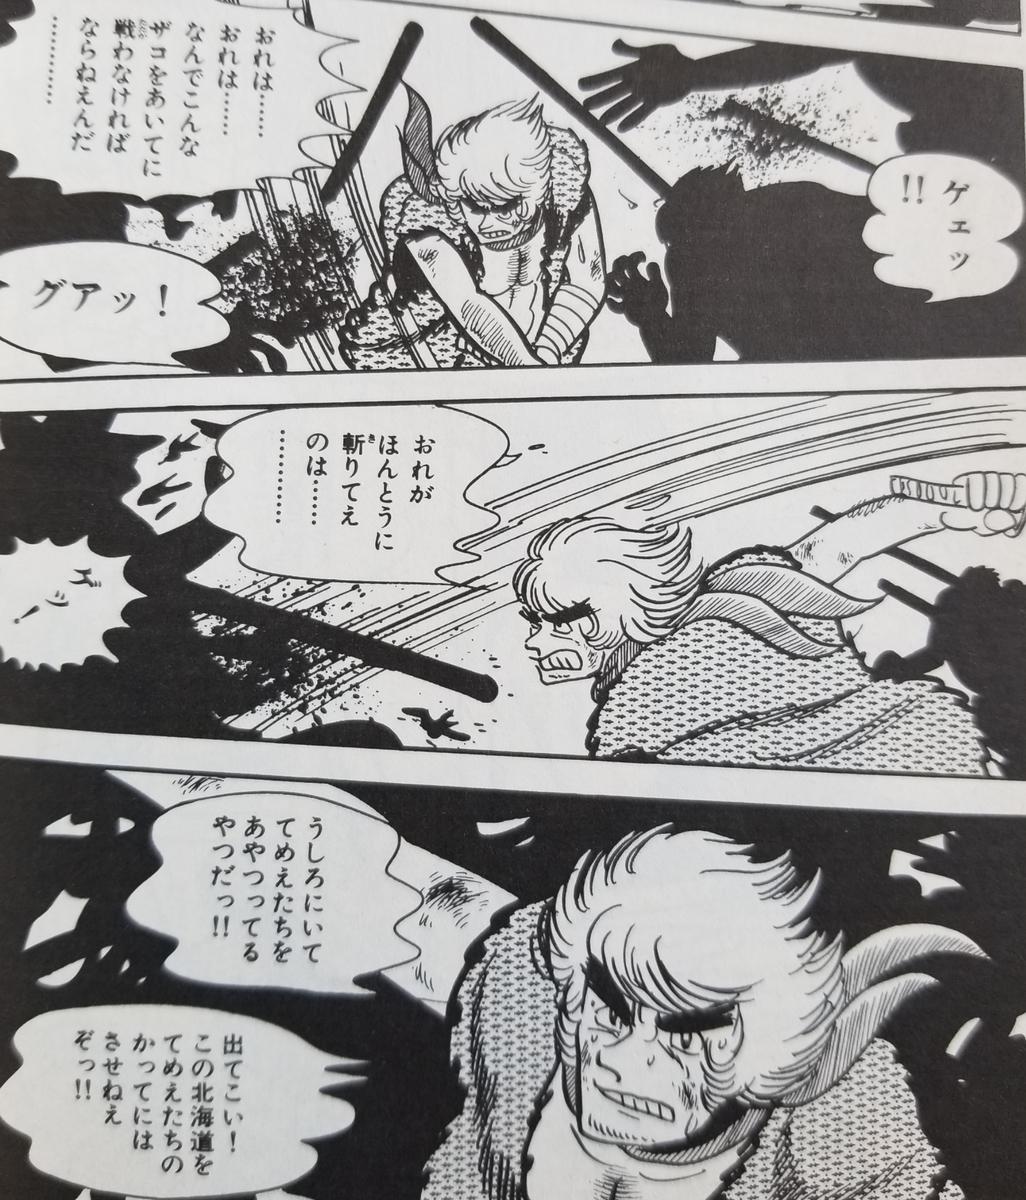 f:id:akirainhope:20190508115146j:plain